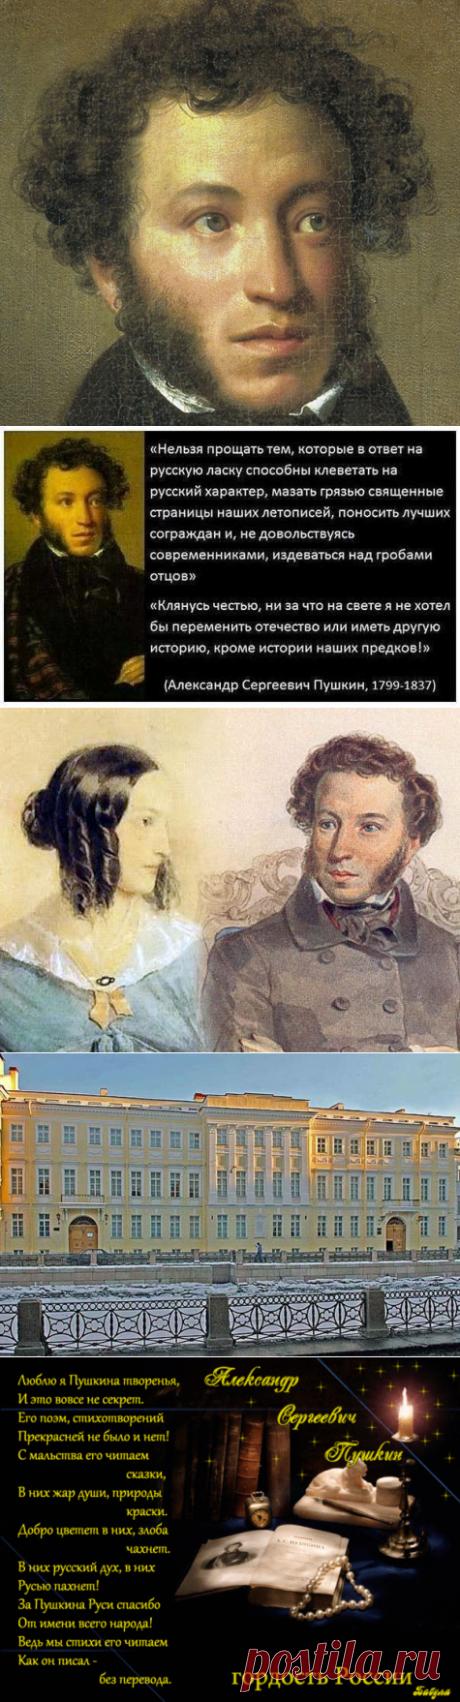 10 февраля---День памяти Пушкина.